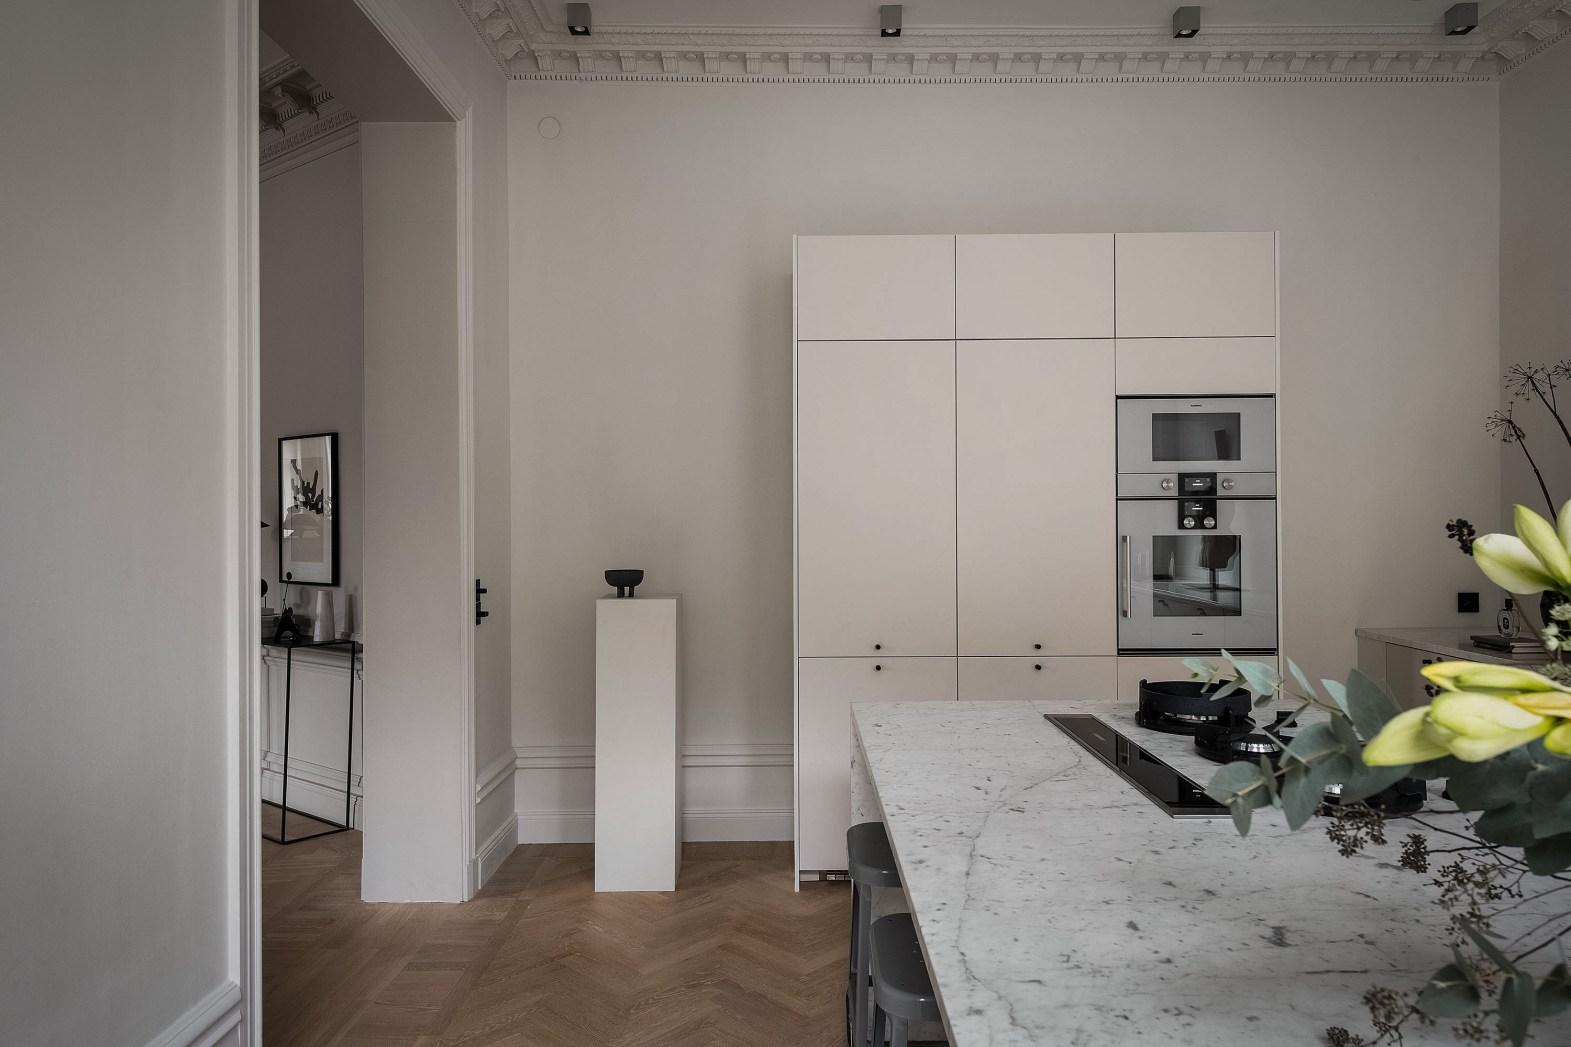 кухонная мебель встроенная техника